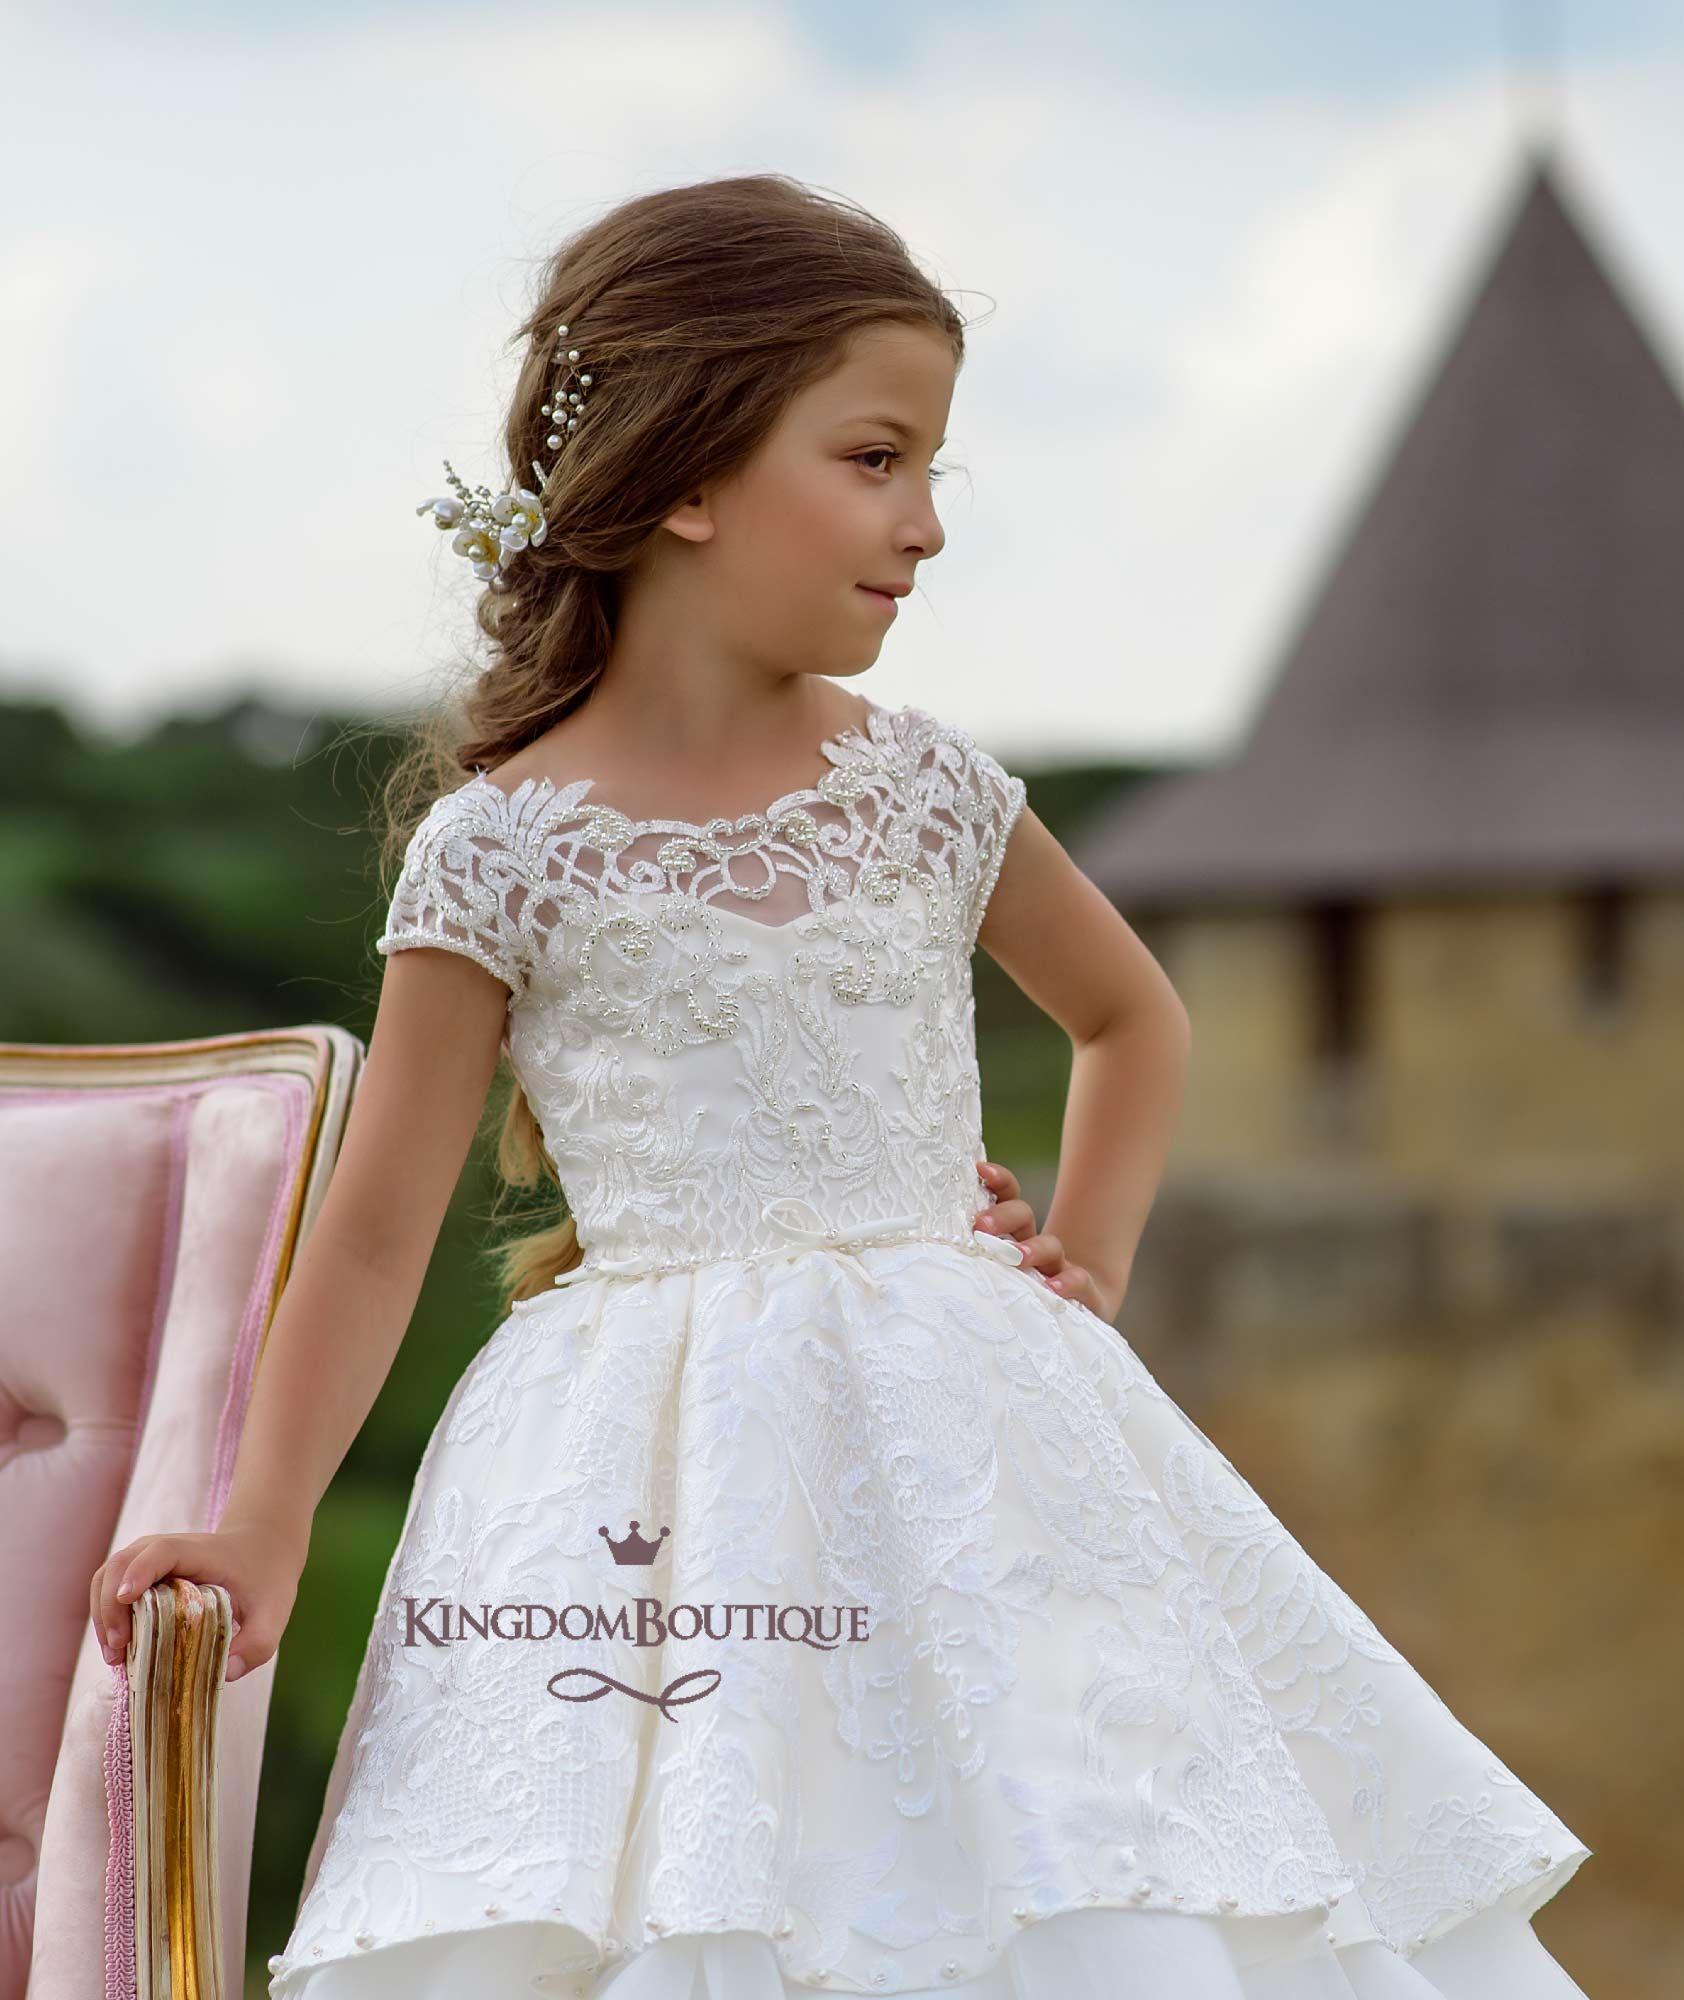 Girls wedding dress    Royal Voyage  Pinterest  Voyage